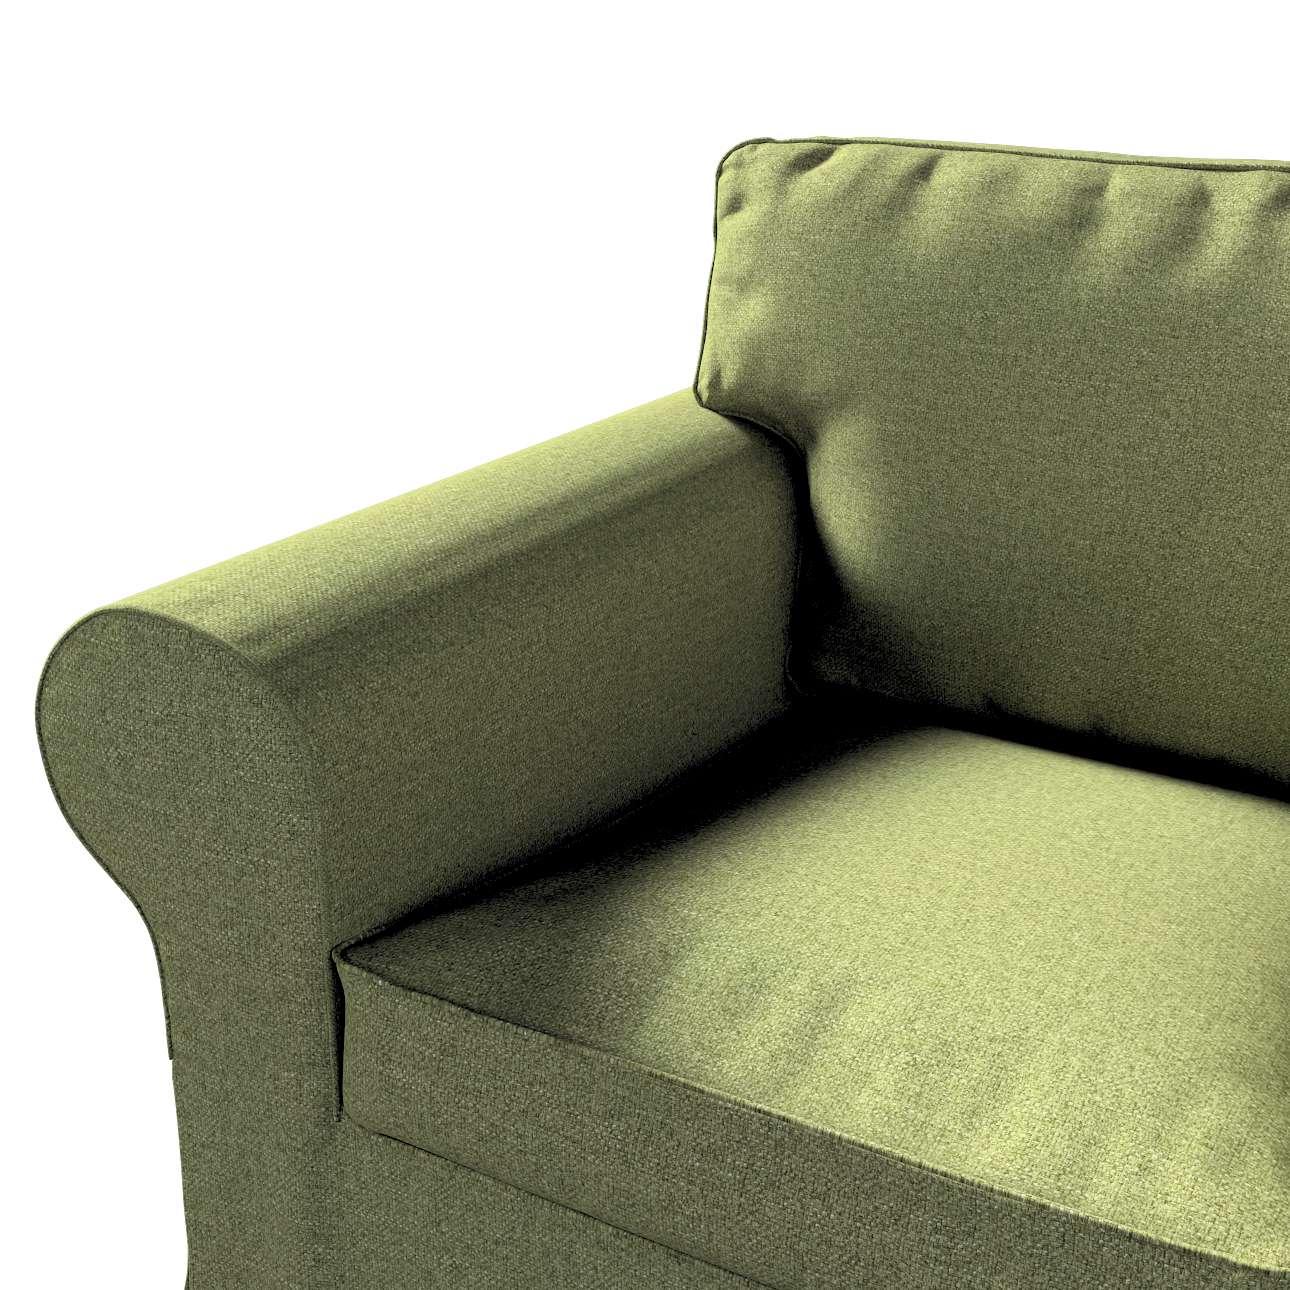 Bezug für Ektorp Sessel von der Kollektion Madrid, Stoff: 161-22